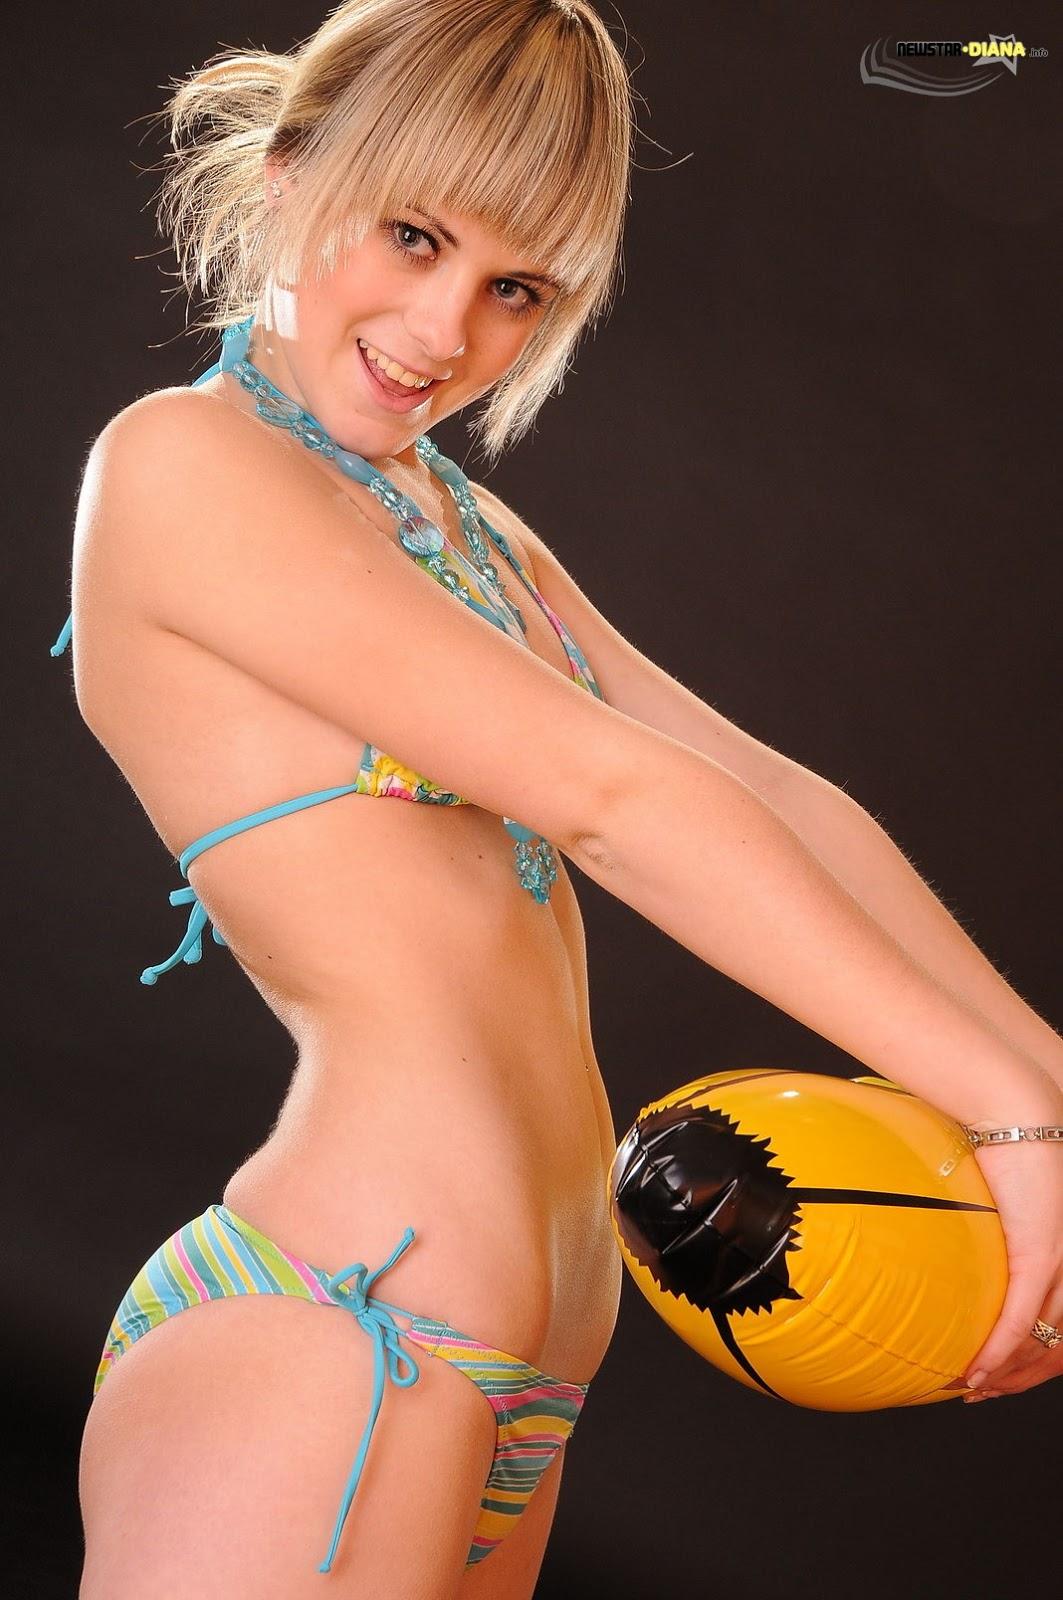 Sunshine Newstar Diana Nude